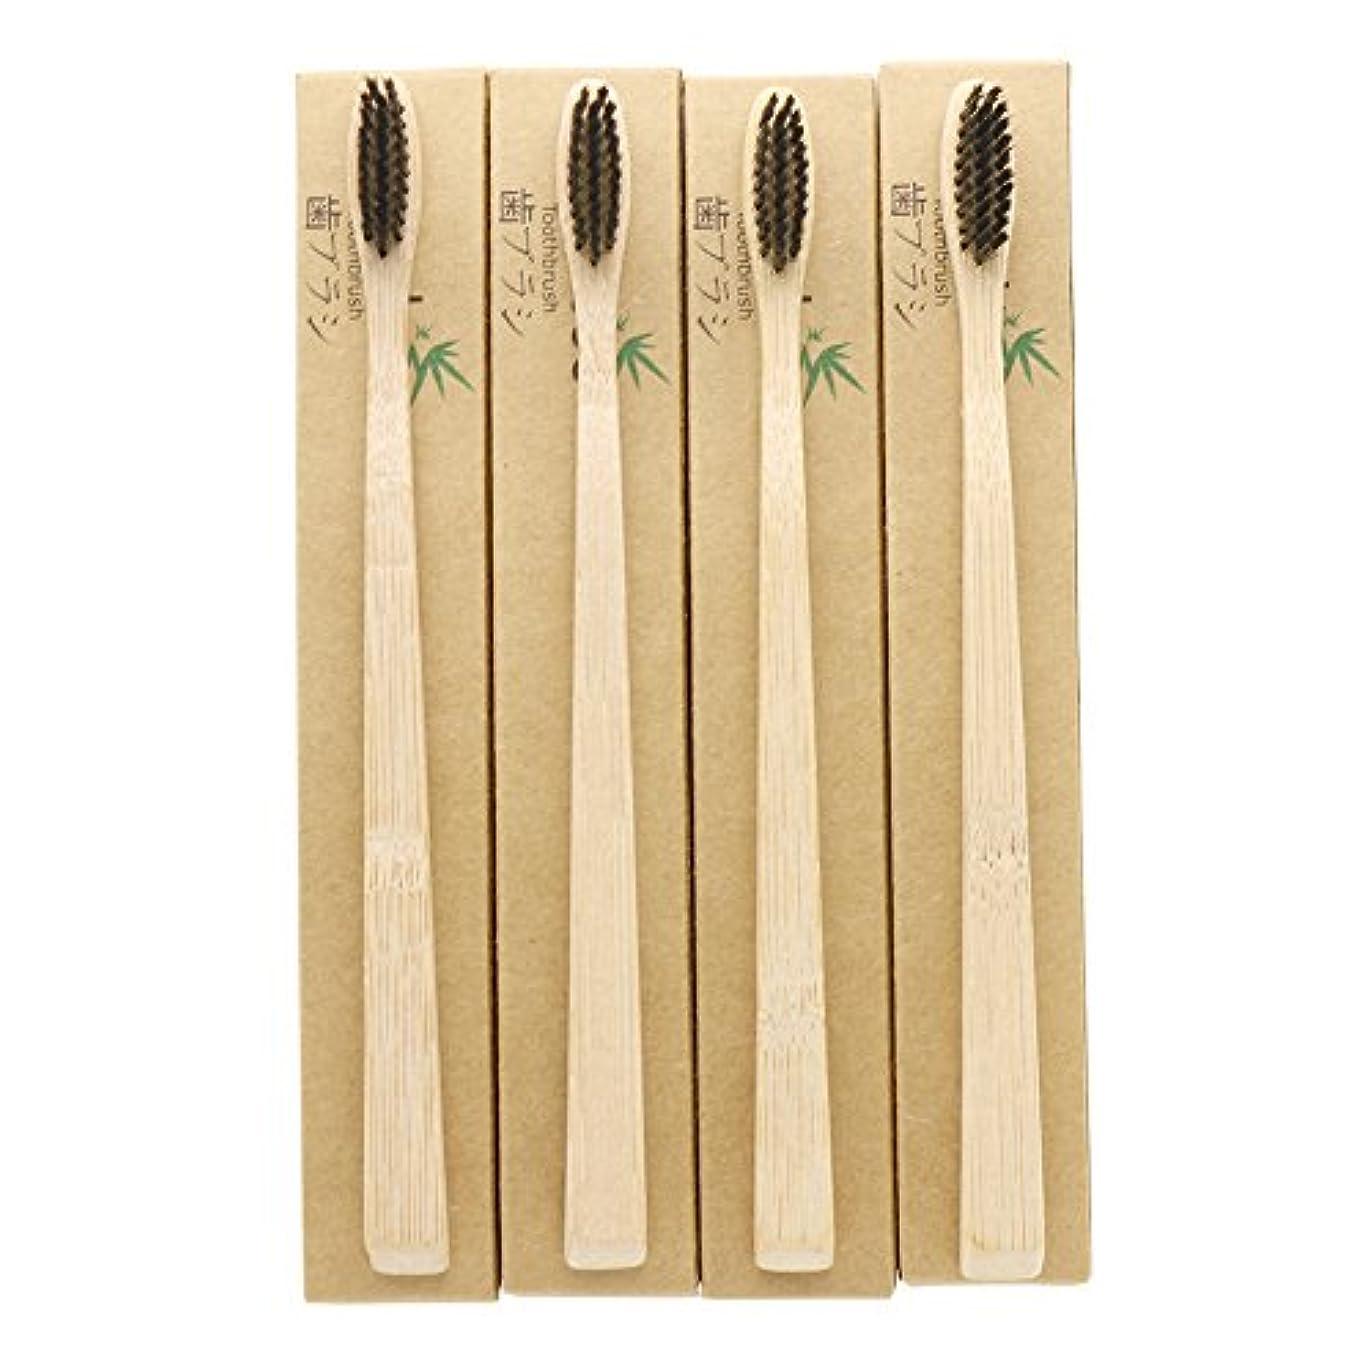 N-amboo 竹製耐久度高い 歯ブラシ 黒い ハンドル小さい 4本入りセット